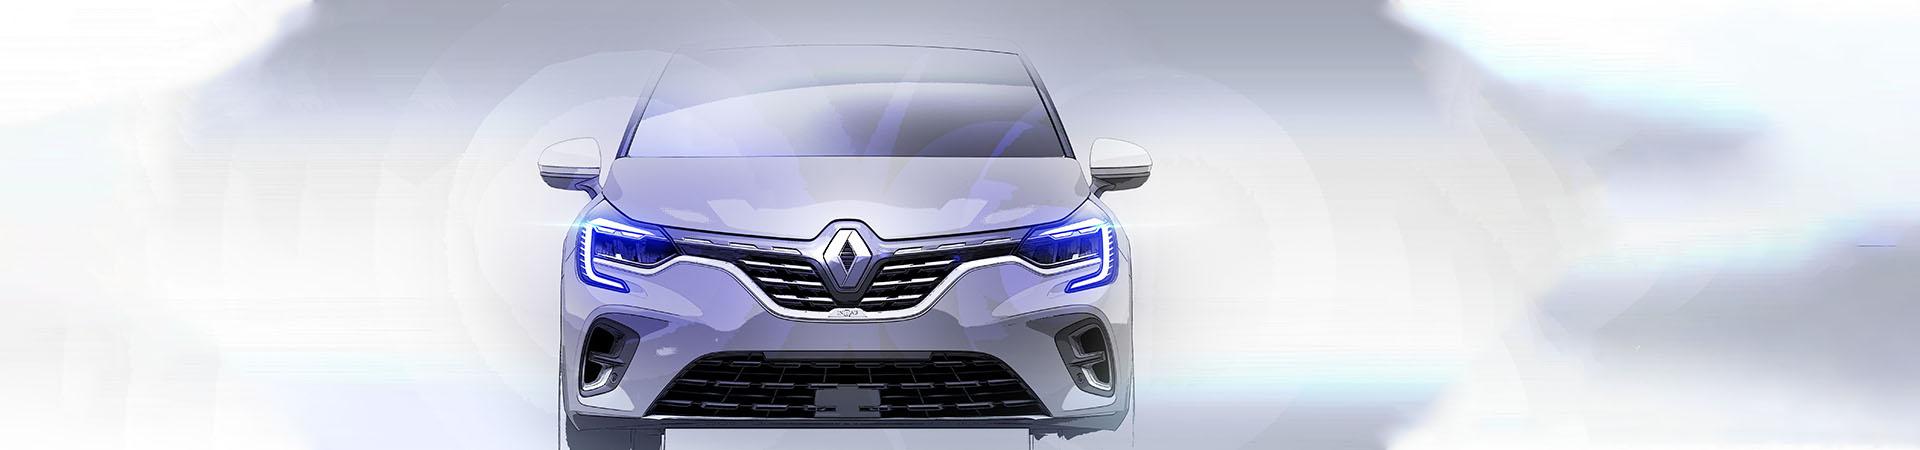 Renault Voll LED Scheinwerfer